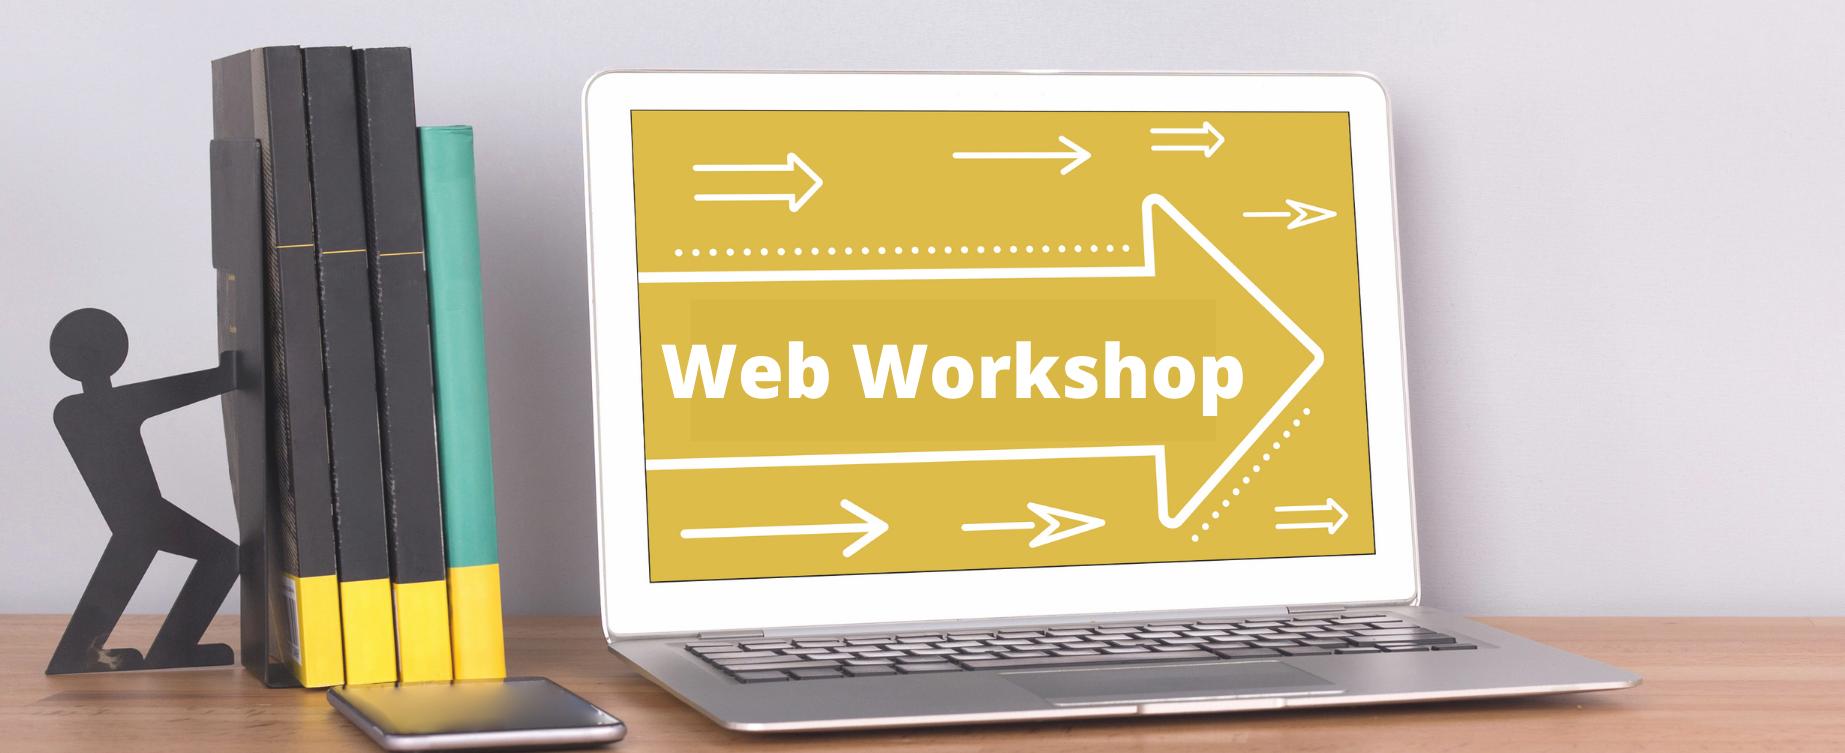 Web Workshops: Übersicht, Datenschutz, Termine, Anmeldung